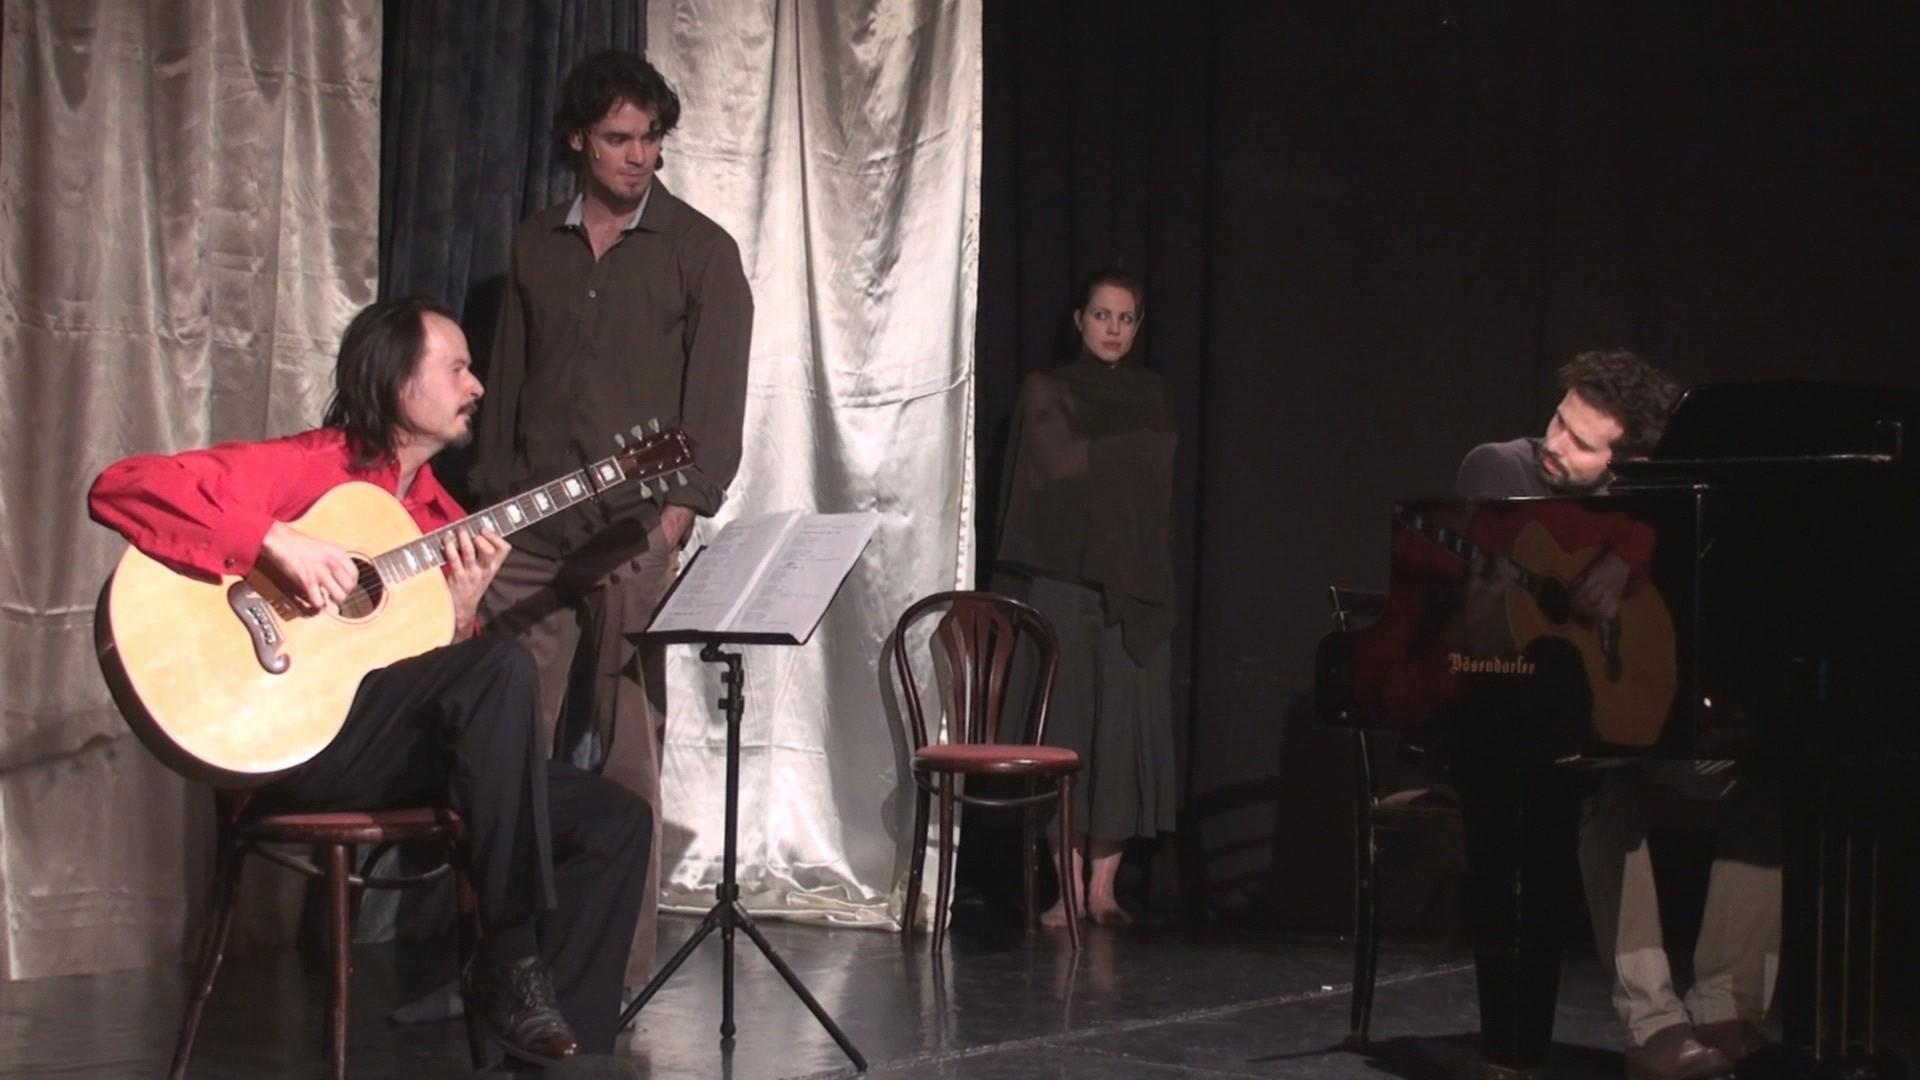 VÁLASZÚTON - színházi előadás Ady Endre és Radnóti Miklós verseiből (Medve Színpad)